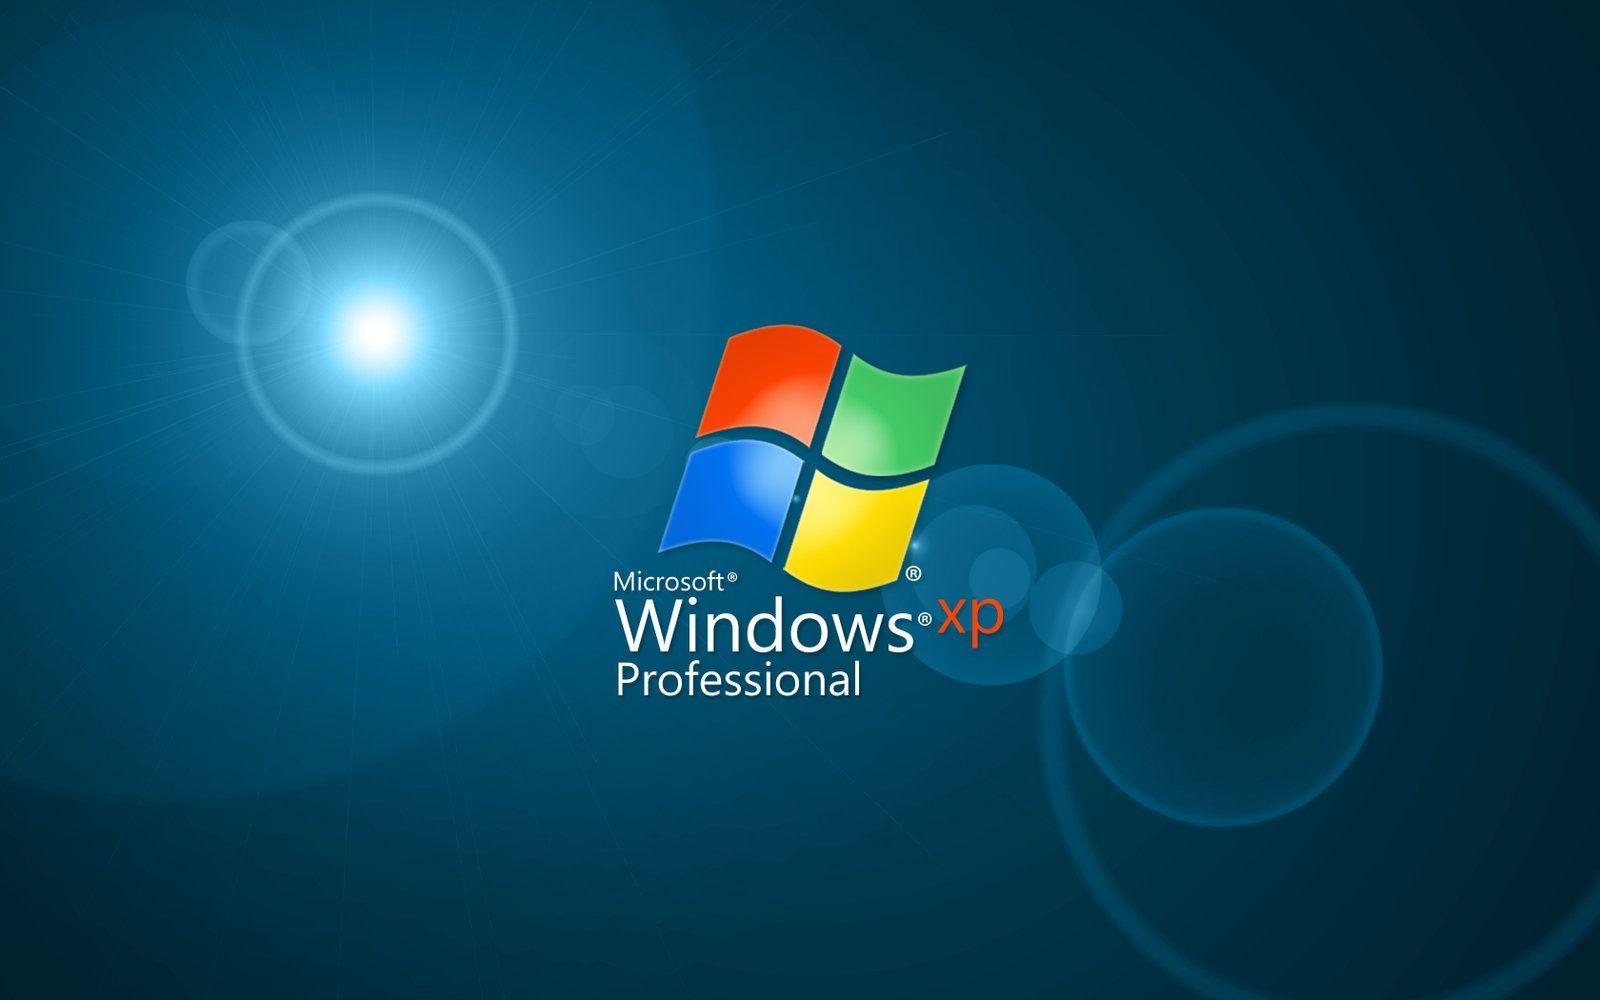 windows xp wallpaper blue wallpaper high resolution : other 1600x1000